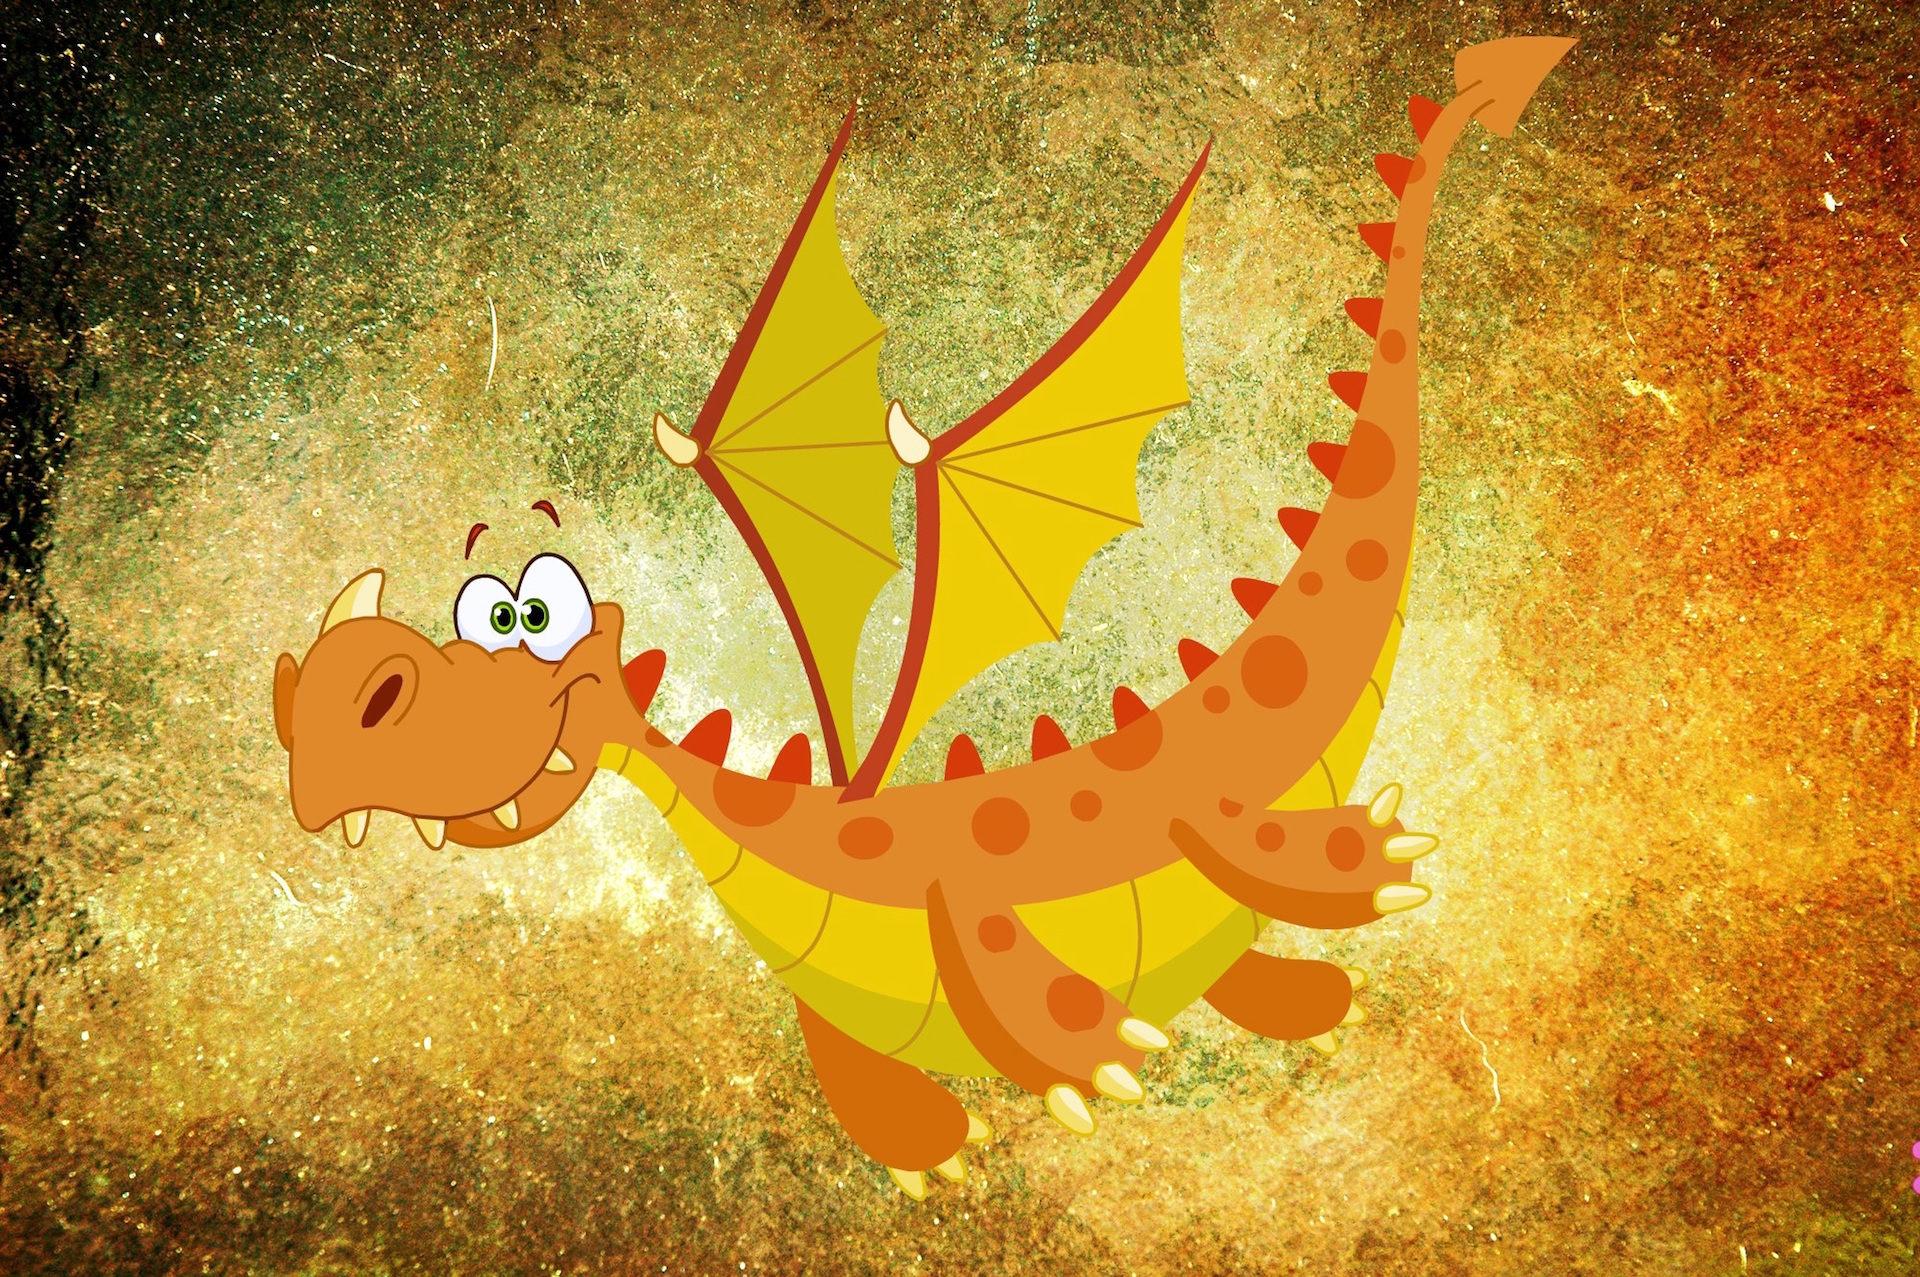 dragón, comic, dibujo, monstruo, alas - Fondos de Pantalla HD - professor-falken.com